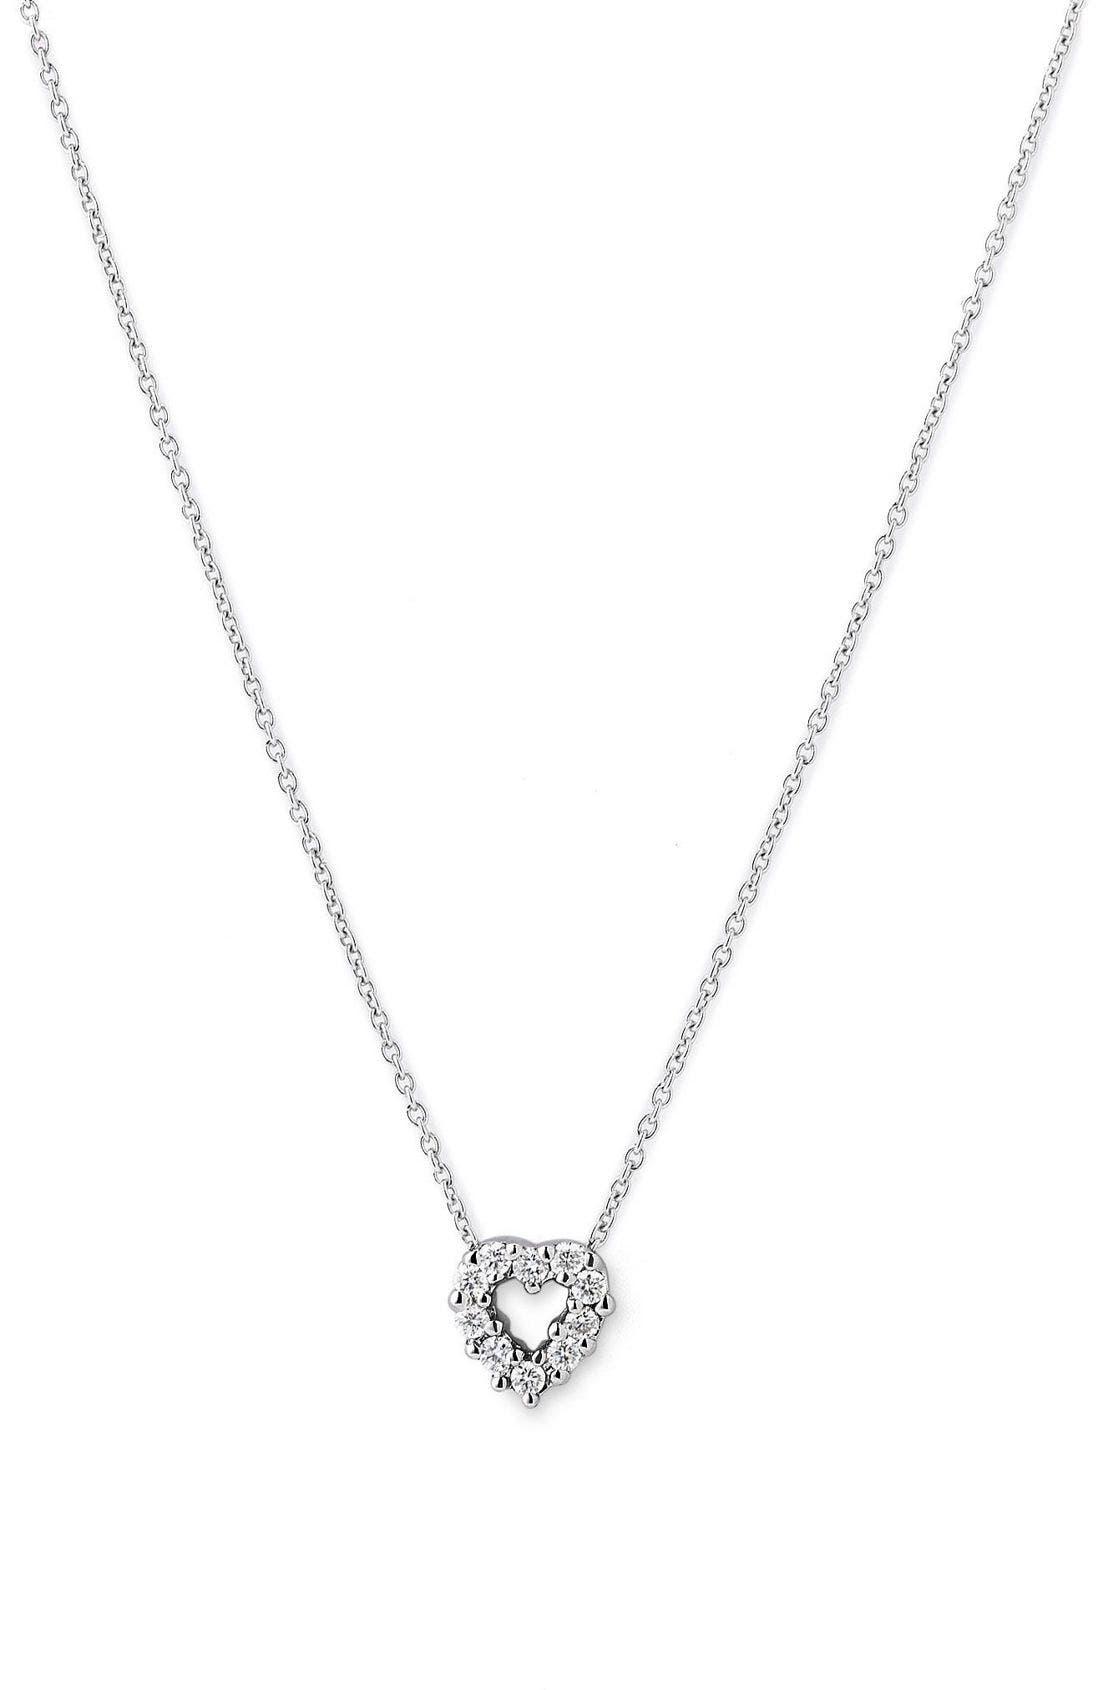 Main Image - Roberto Coin 'Tiny Treasures' Diamond Heart Pendant Necklace